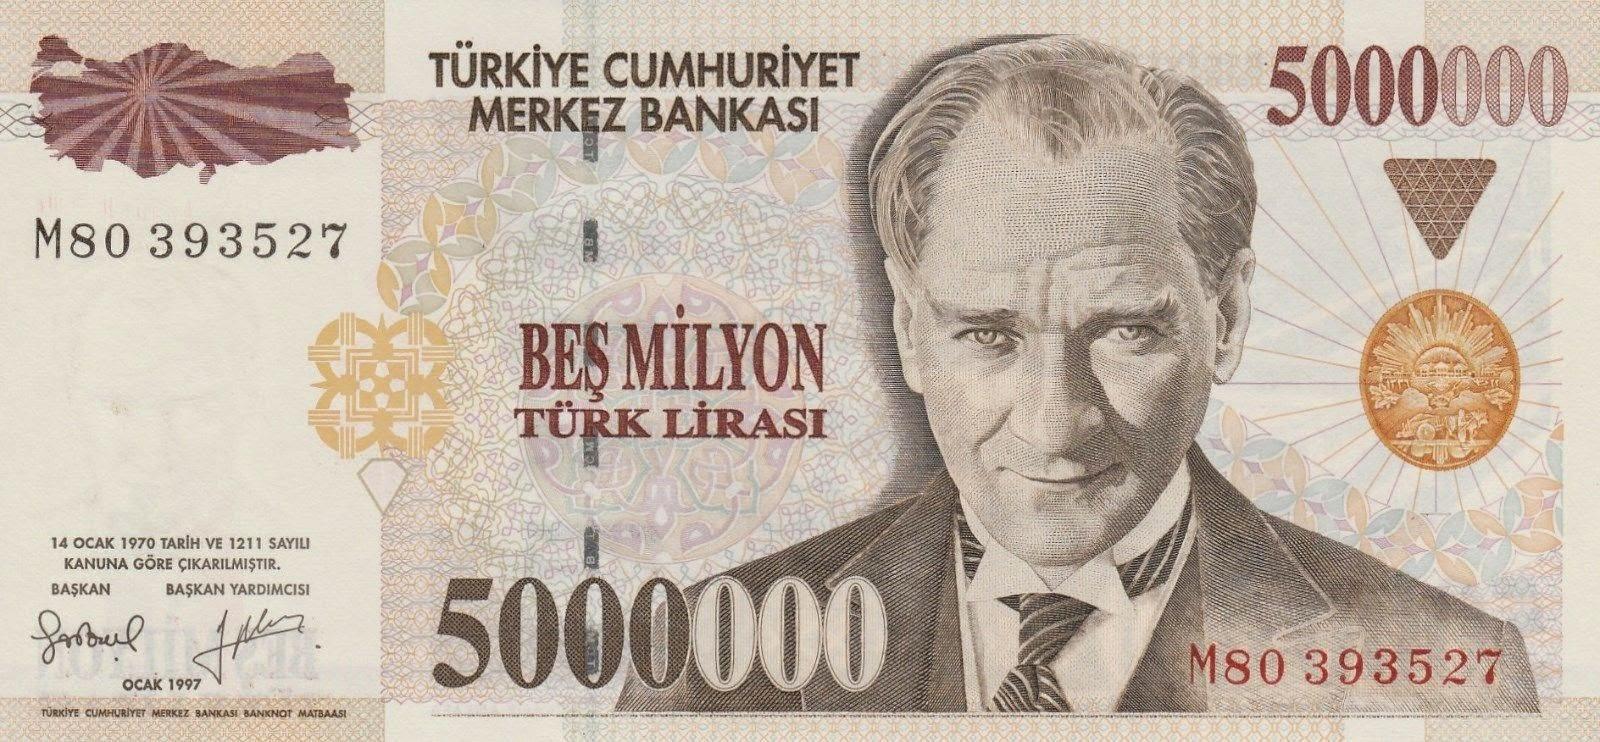 Turkey Banknotes 5 Million Turkish Lira Türk Lirasi note Mustafa Kemal Atatürk